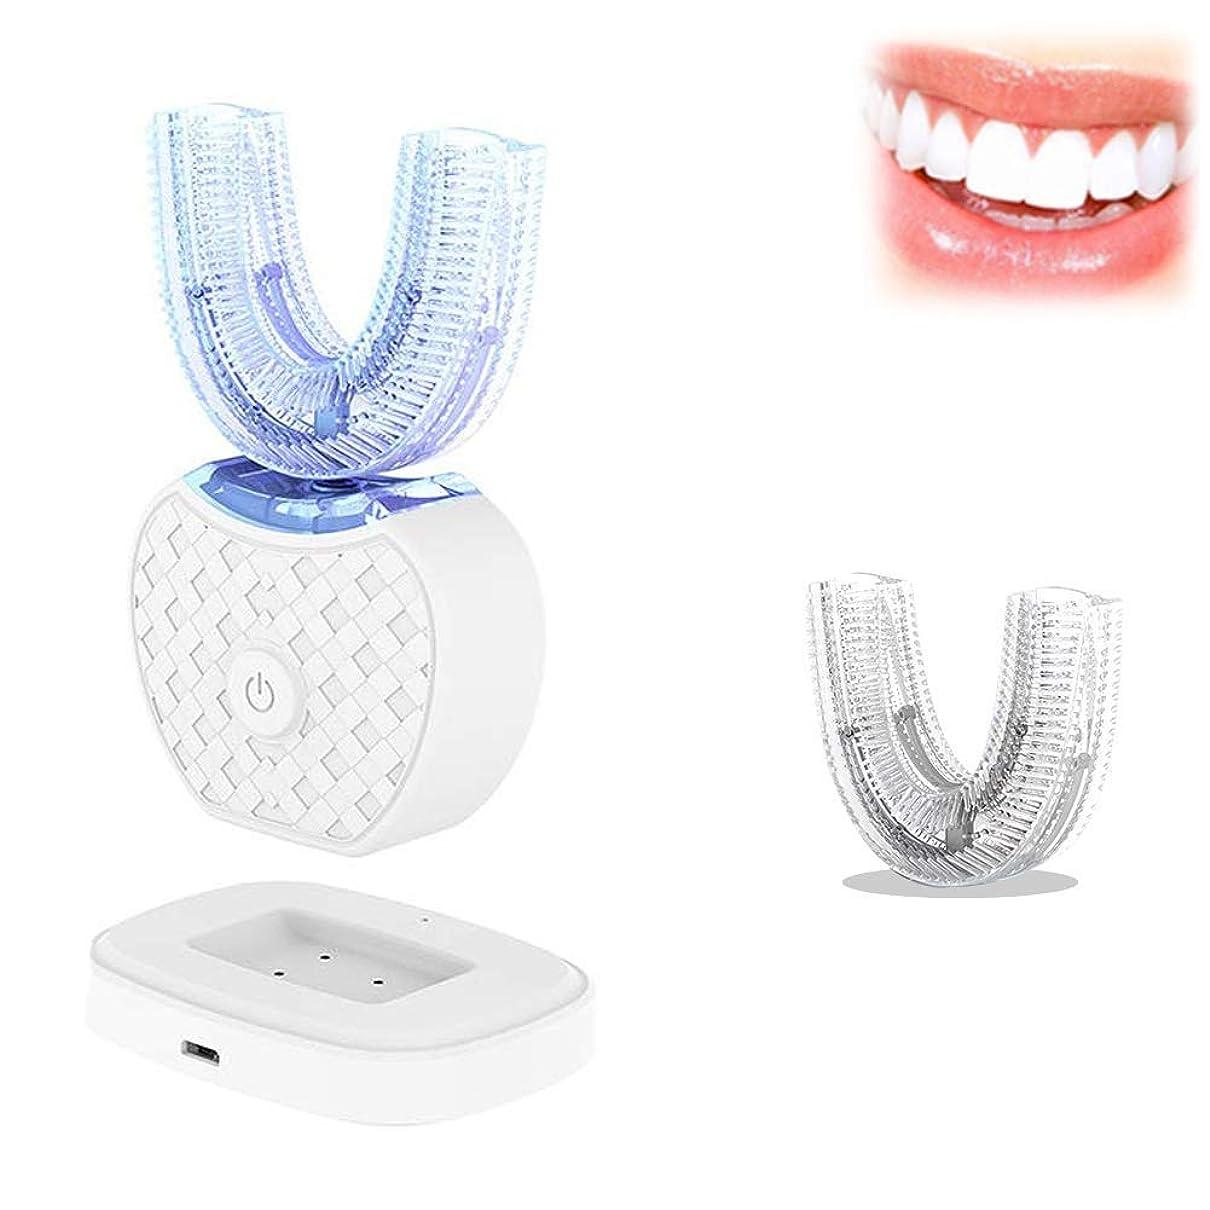 ご予約インゲンスイッチ電動歯ブラシフルオートマチック360°超音波ホワイトニングU型マウスクリーナー充電式ワイヤレスポータブルLEDランプFDA / IPX7 (Color : White)